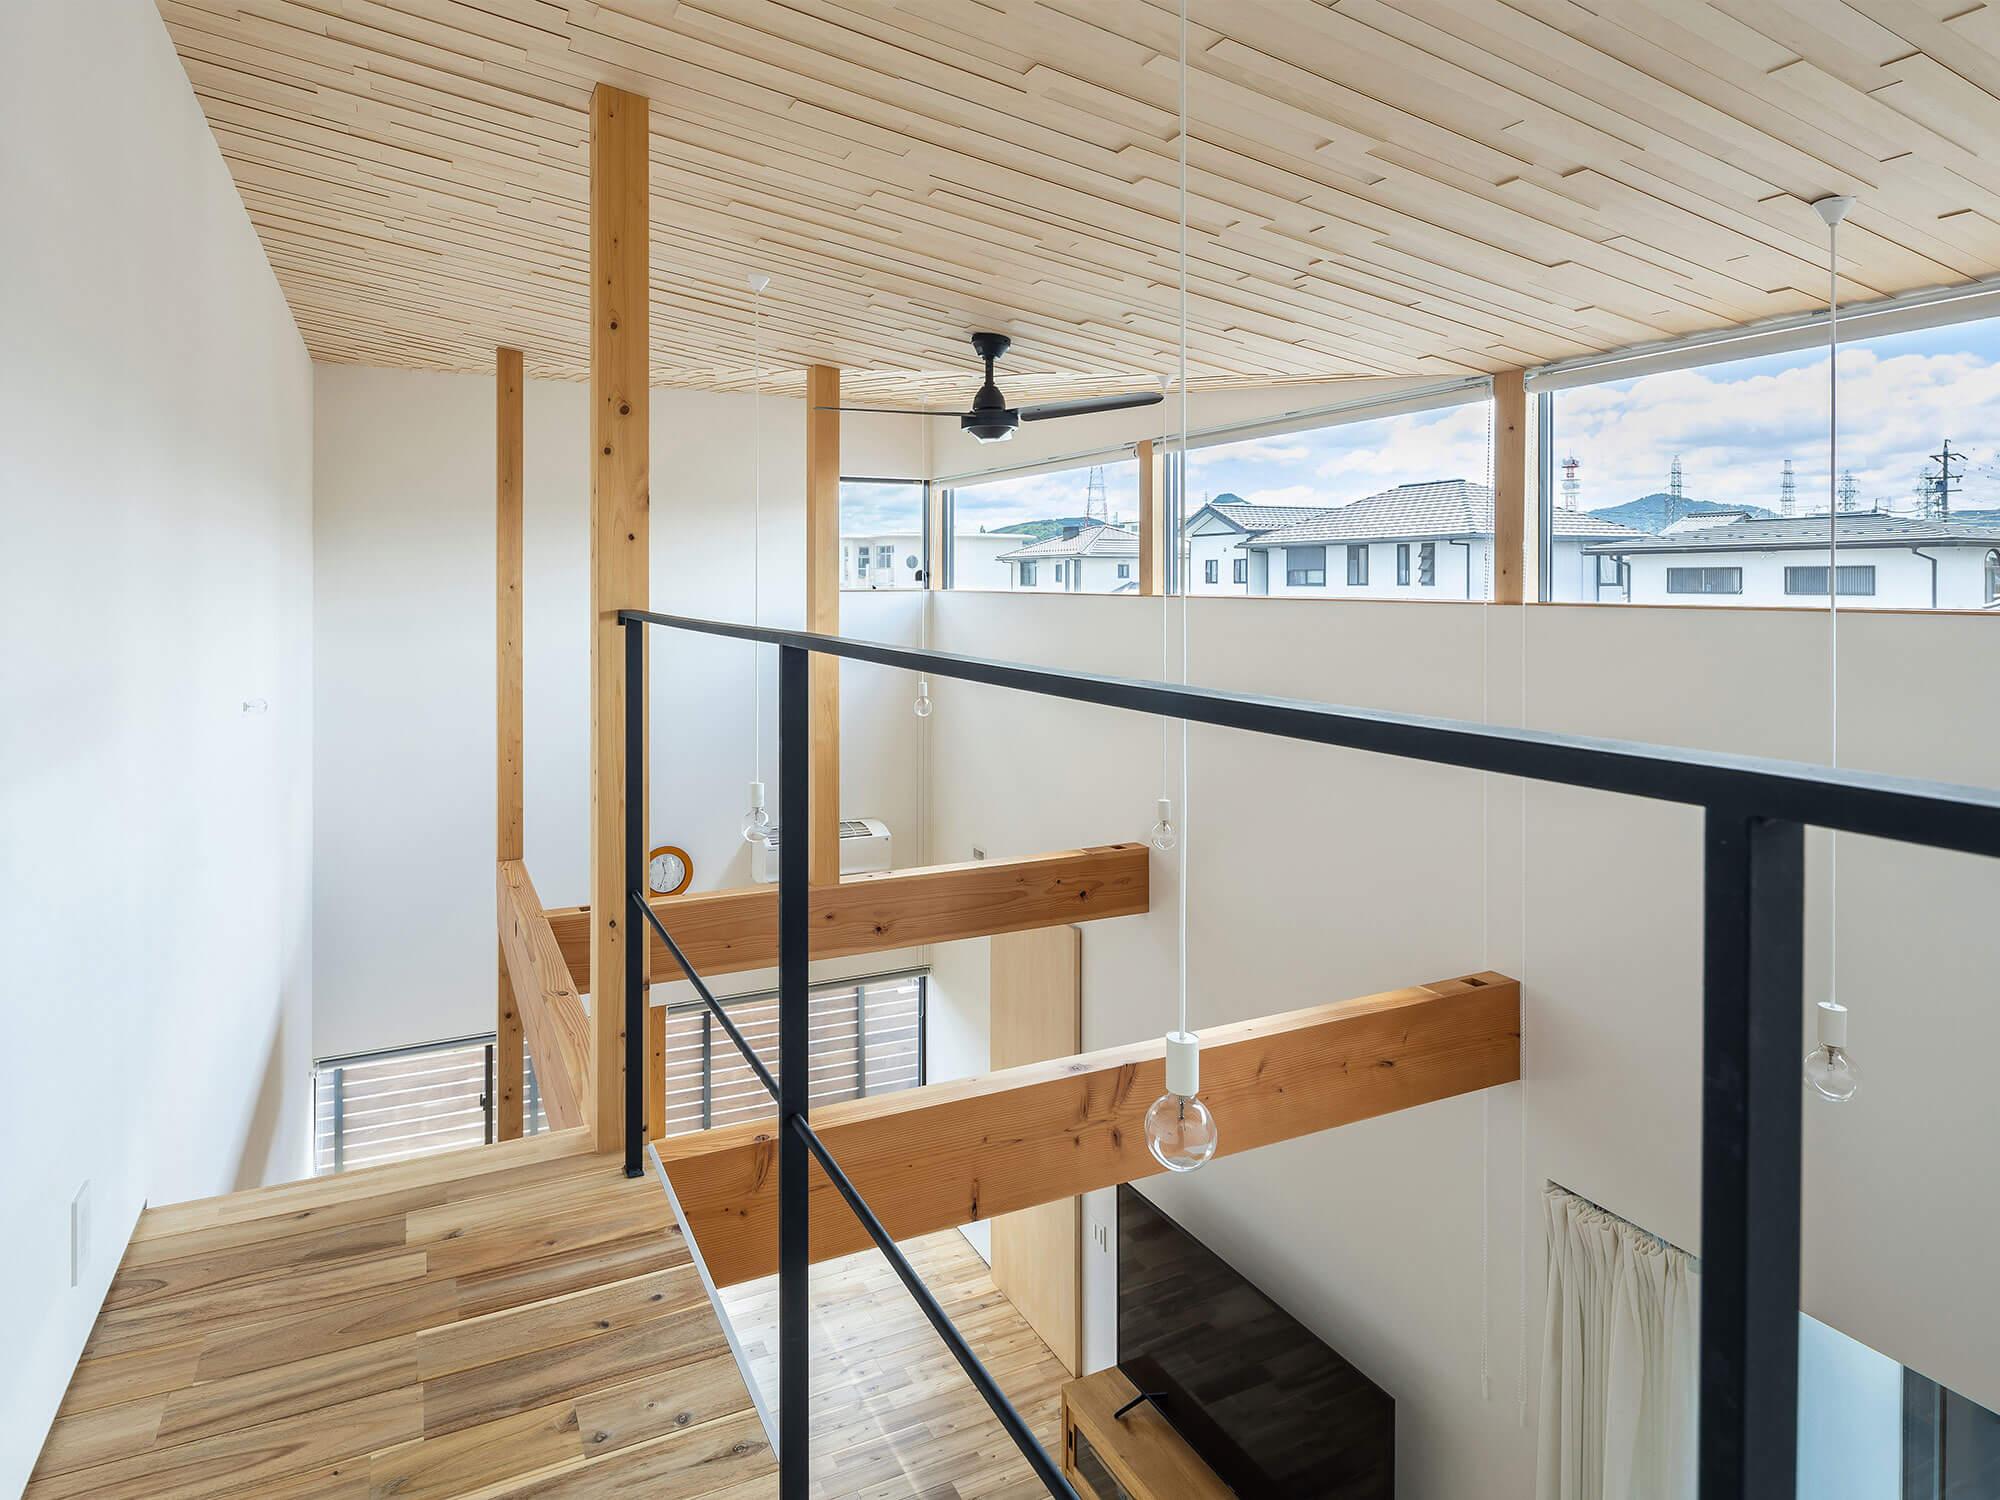 軒と縁側がつなぐ家10|犬山市の施工事例|建築家×工務店